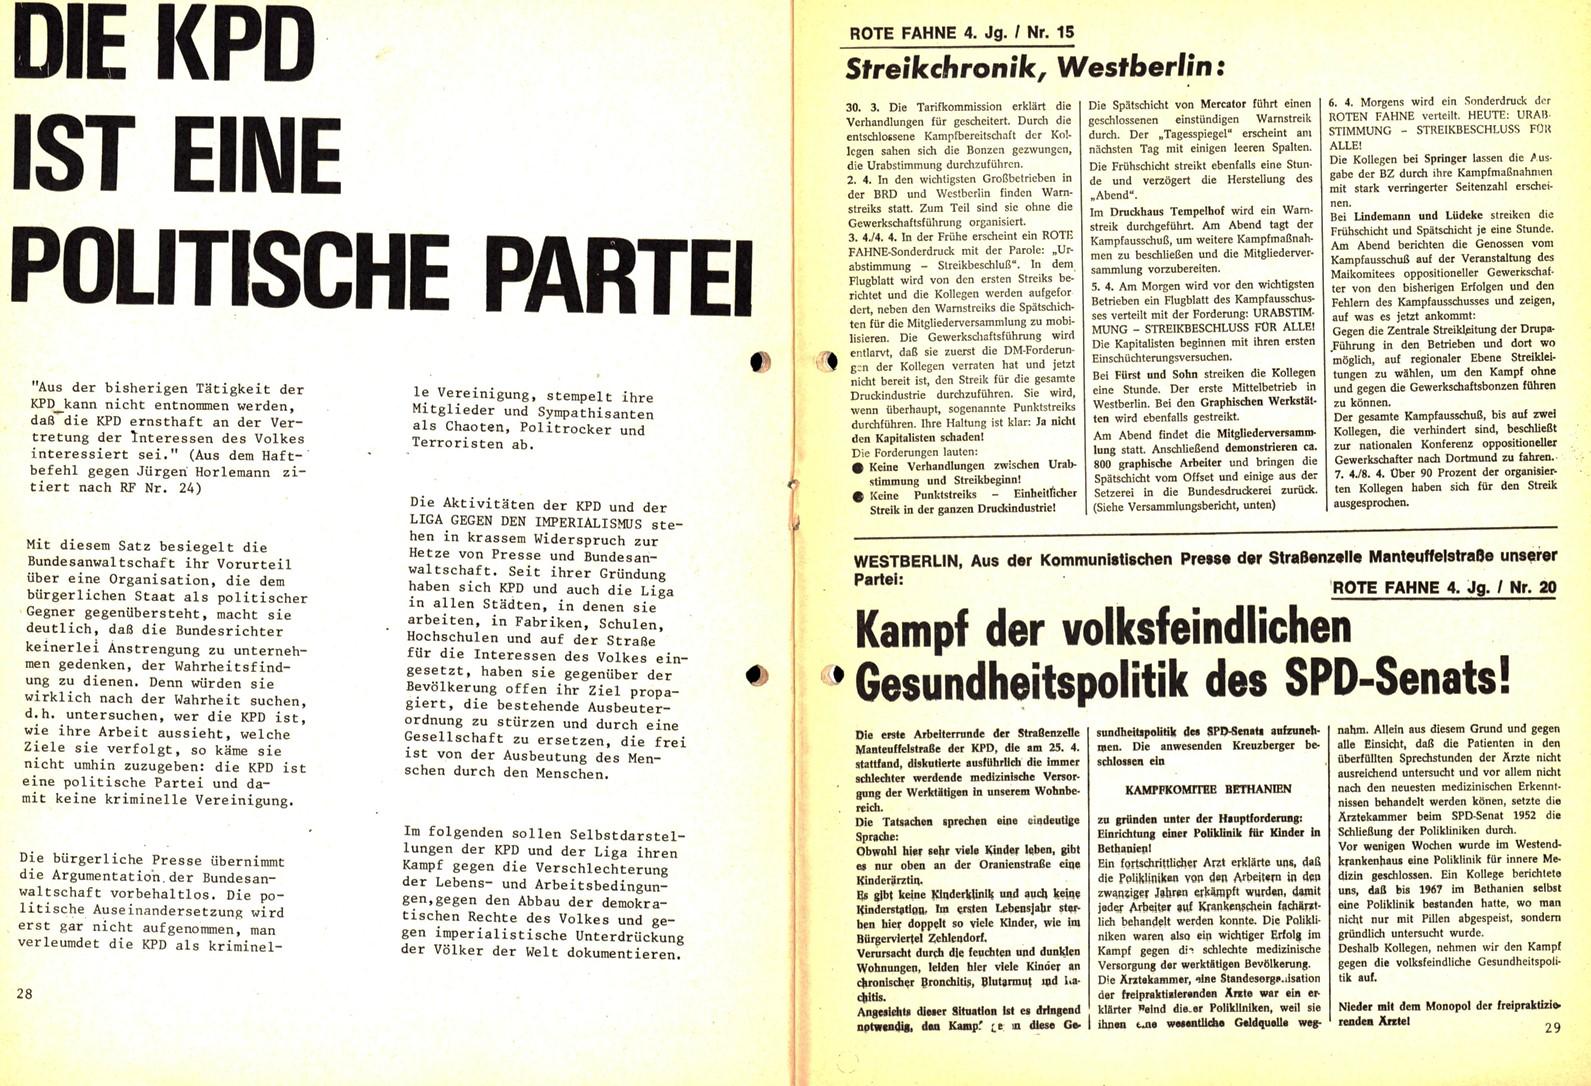 Komitee_Haende_weg_von_der_KPD_1973_Polizeijournalismus_15